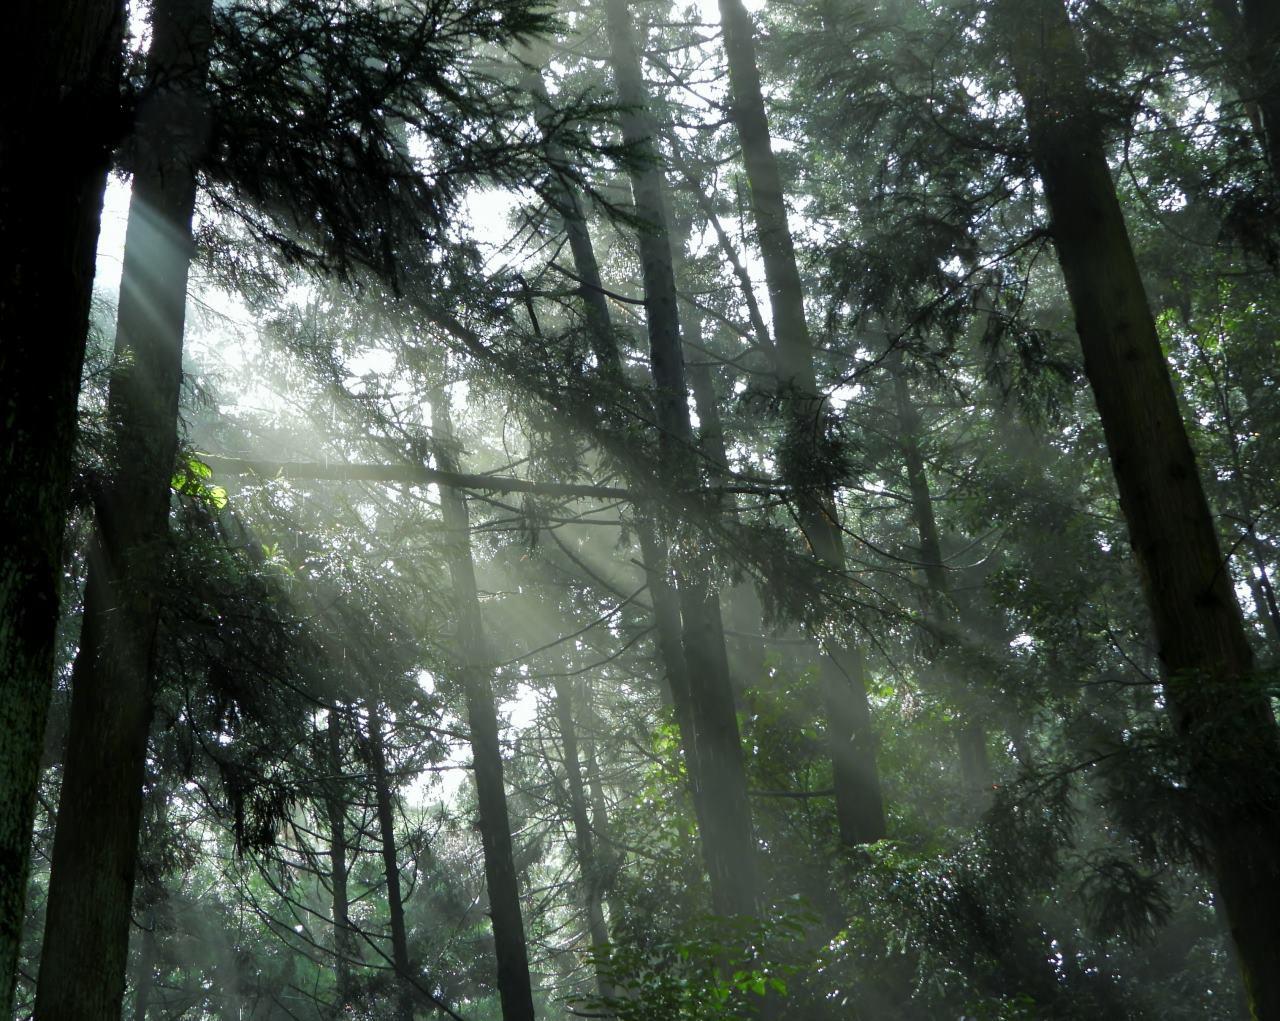 箕輪城跡で 通り雨と雨上がり_c0305565_17285599.jpg